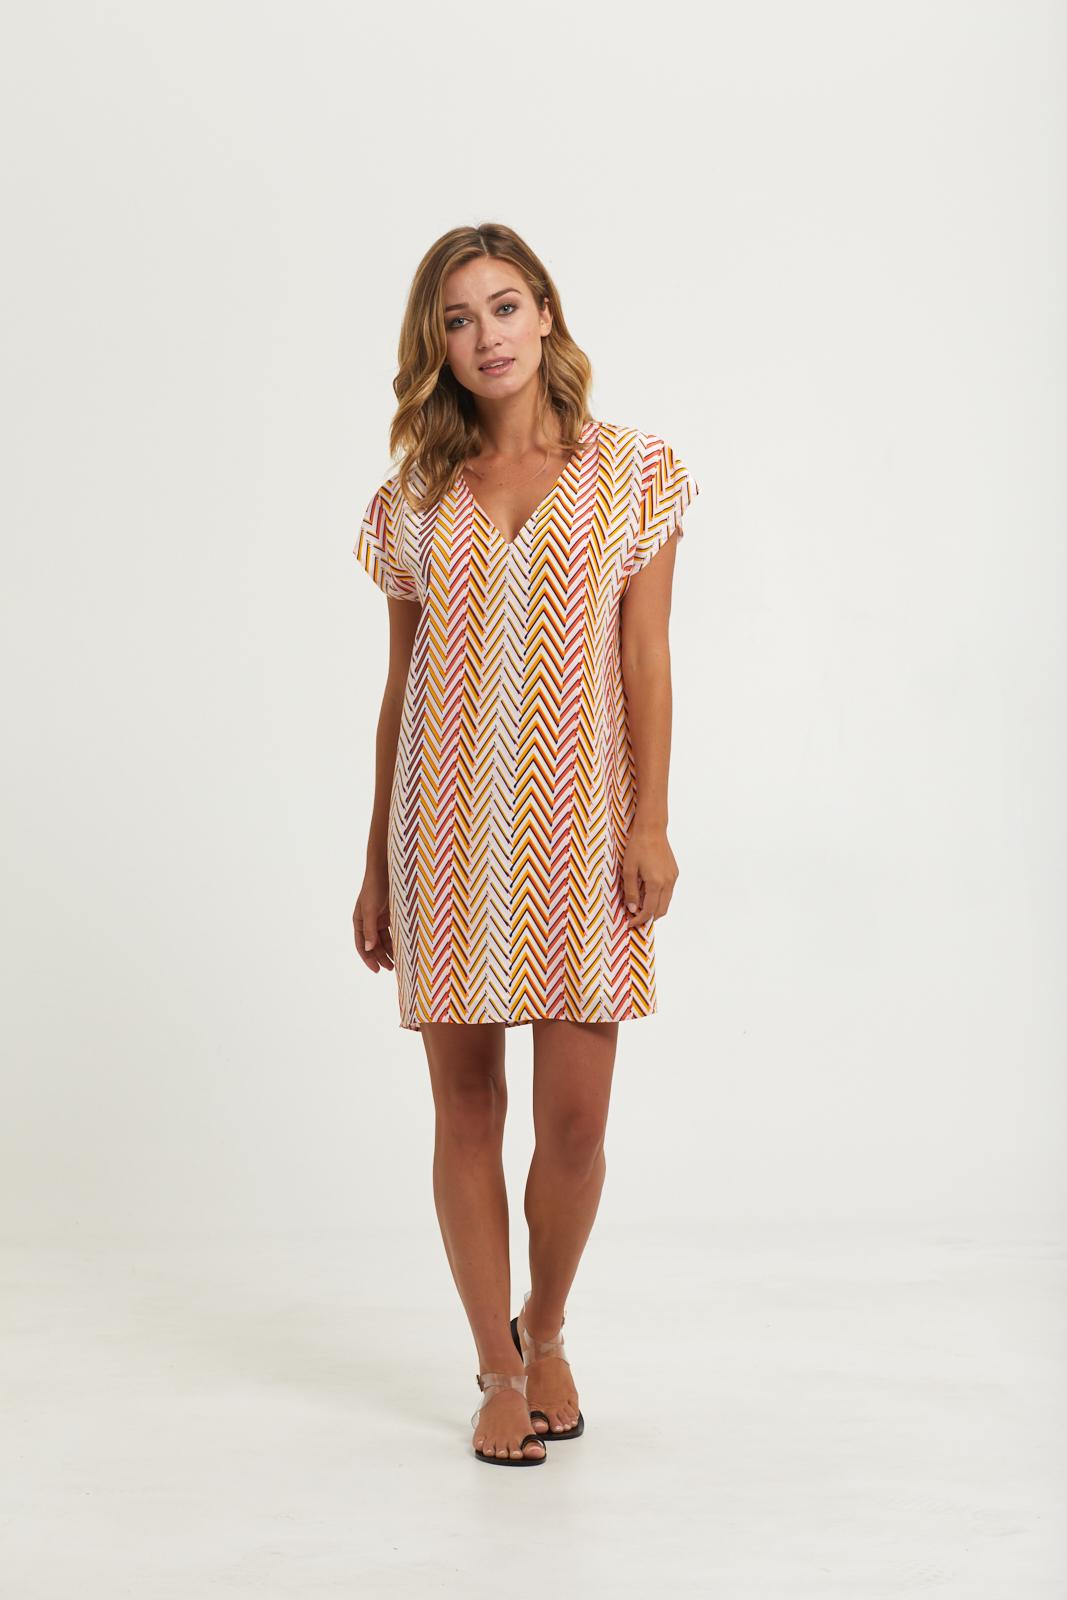 Final Select - Andi Printed Dress - Chevron Stripe - 201-281P_Front